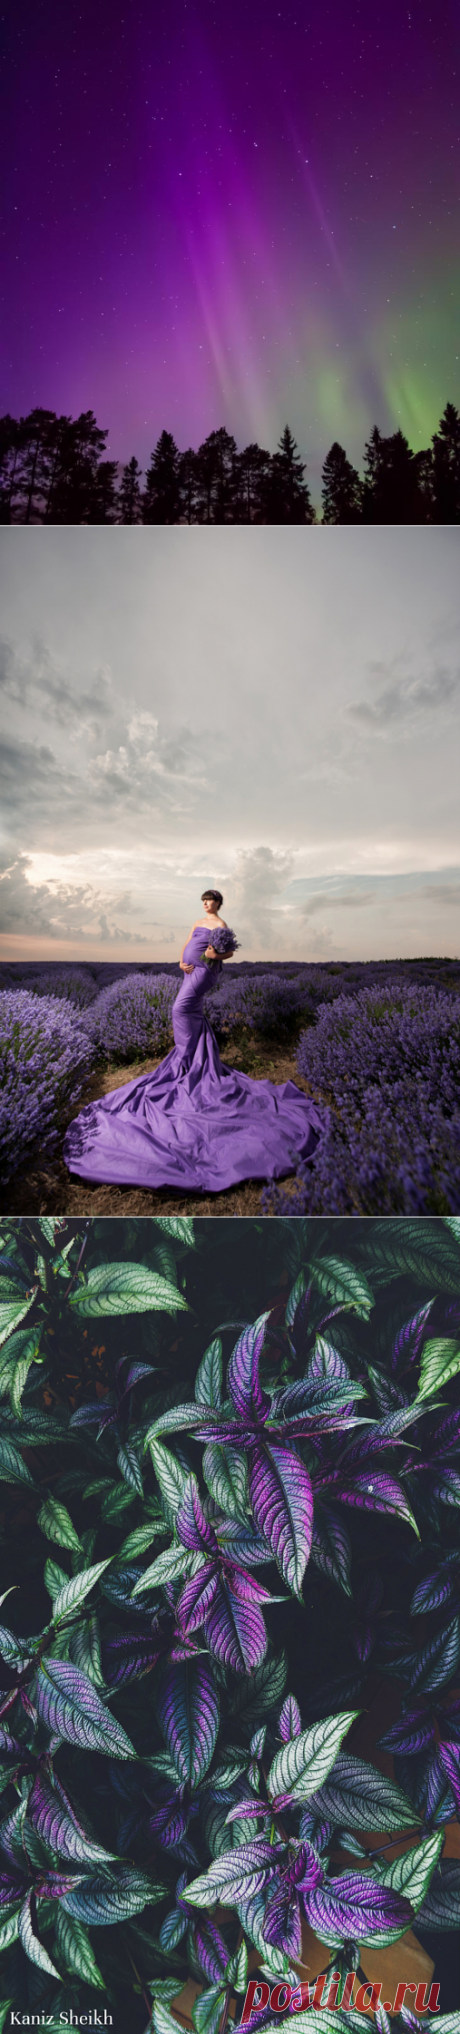 Фотографии с фиолетовым настроением